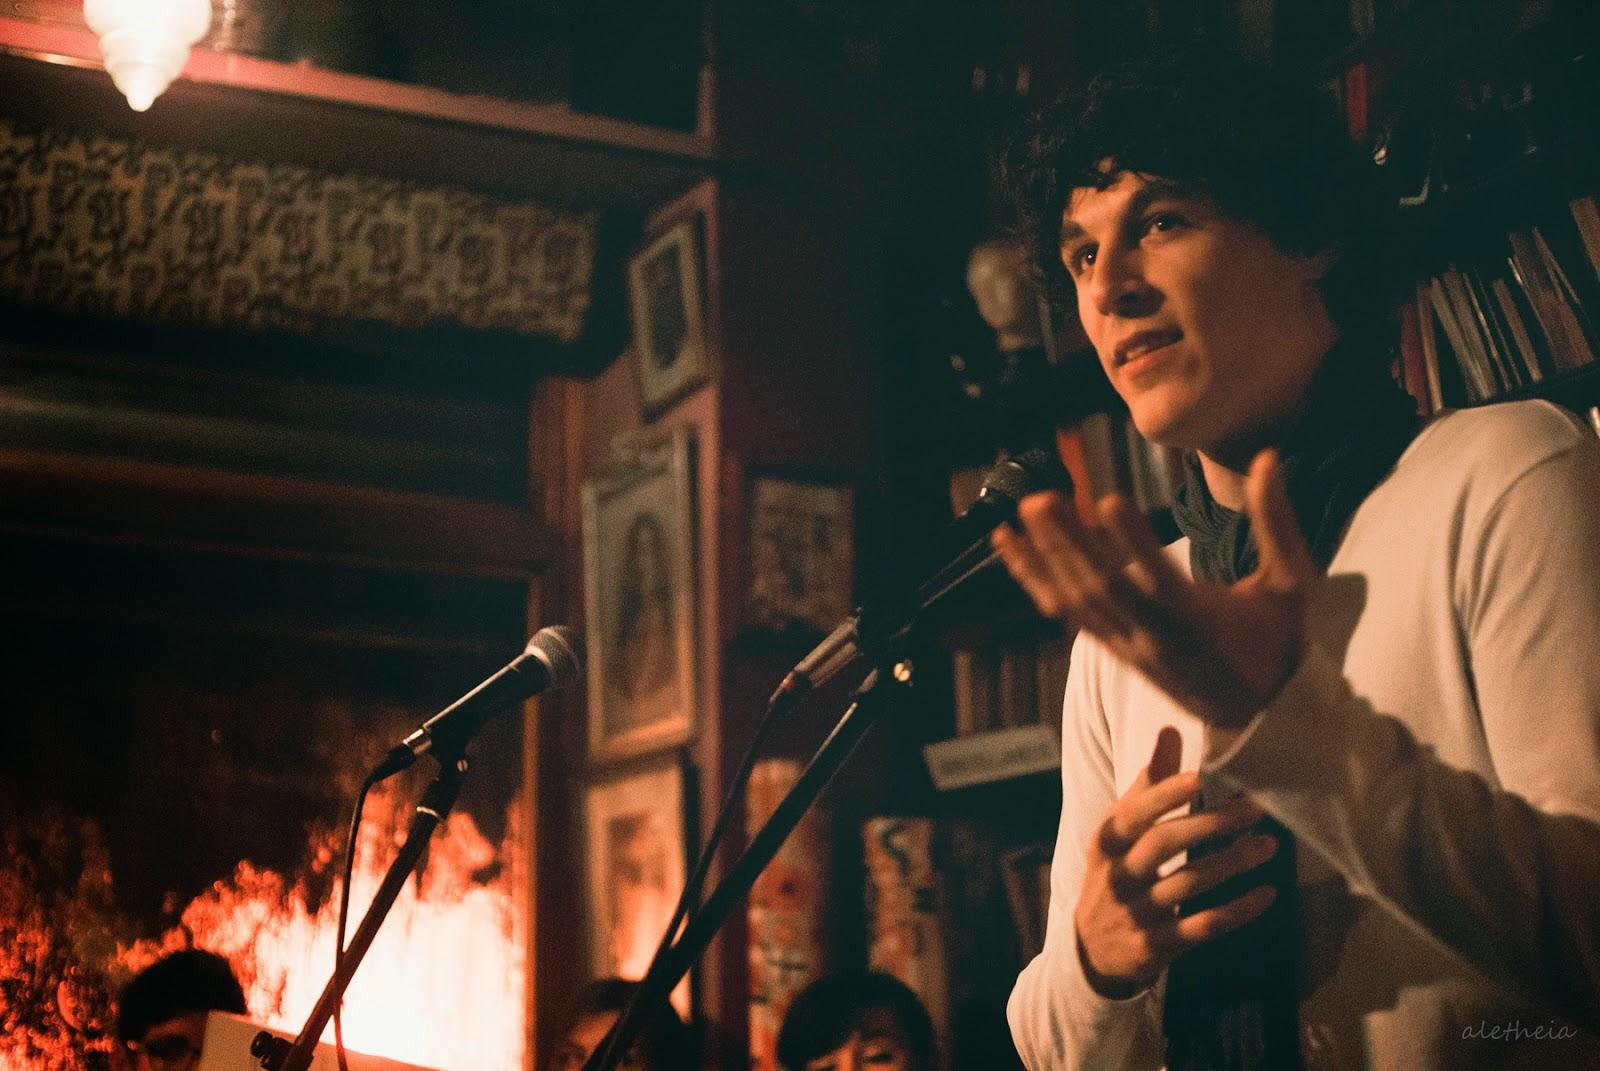 AlbertoEsFeliz recitando poesía